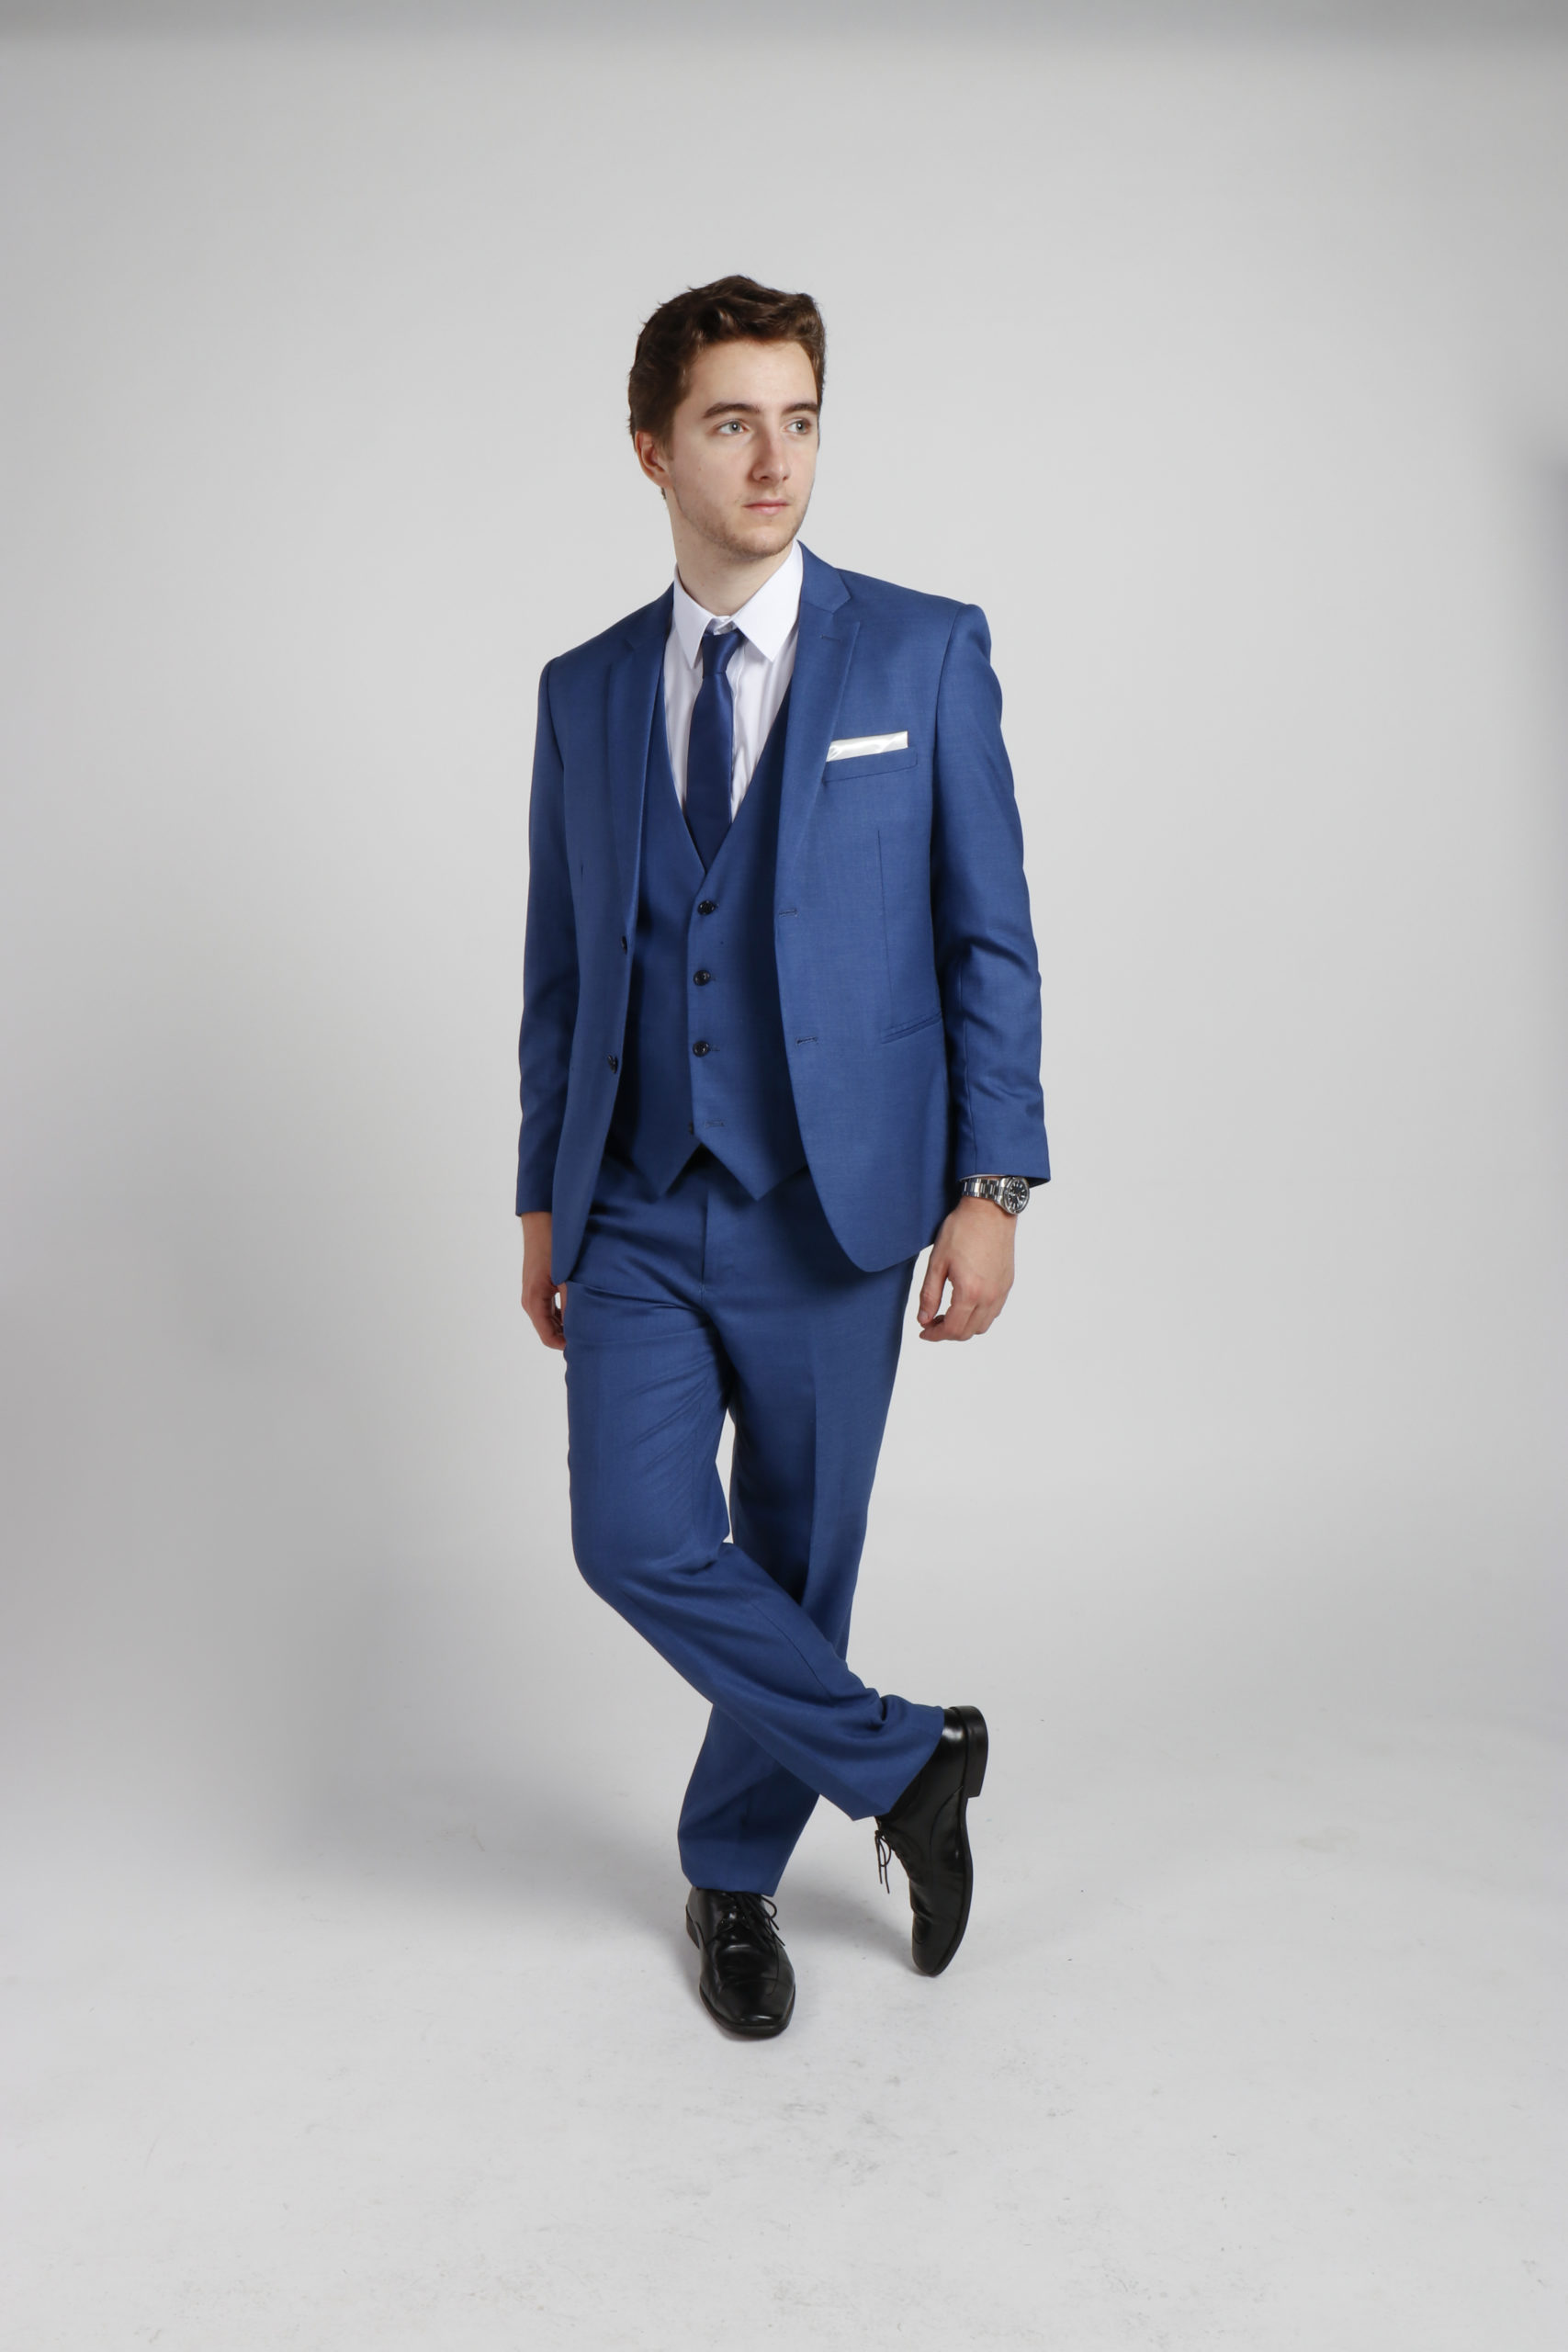 Royal Blue Suit Hire